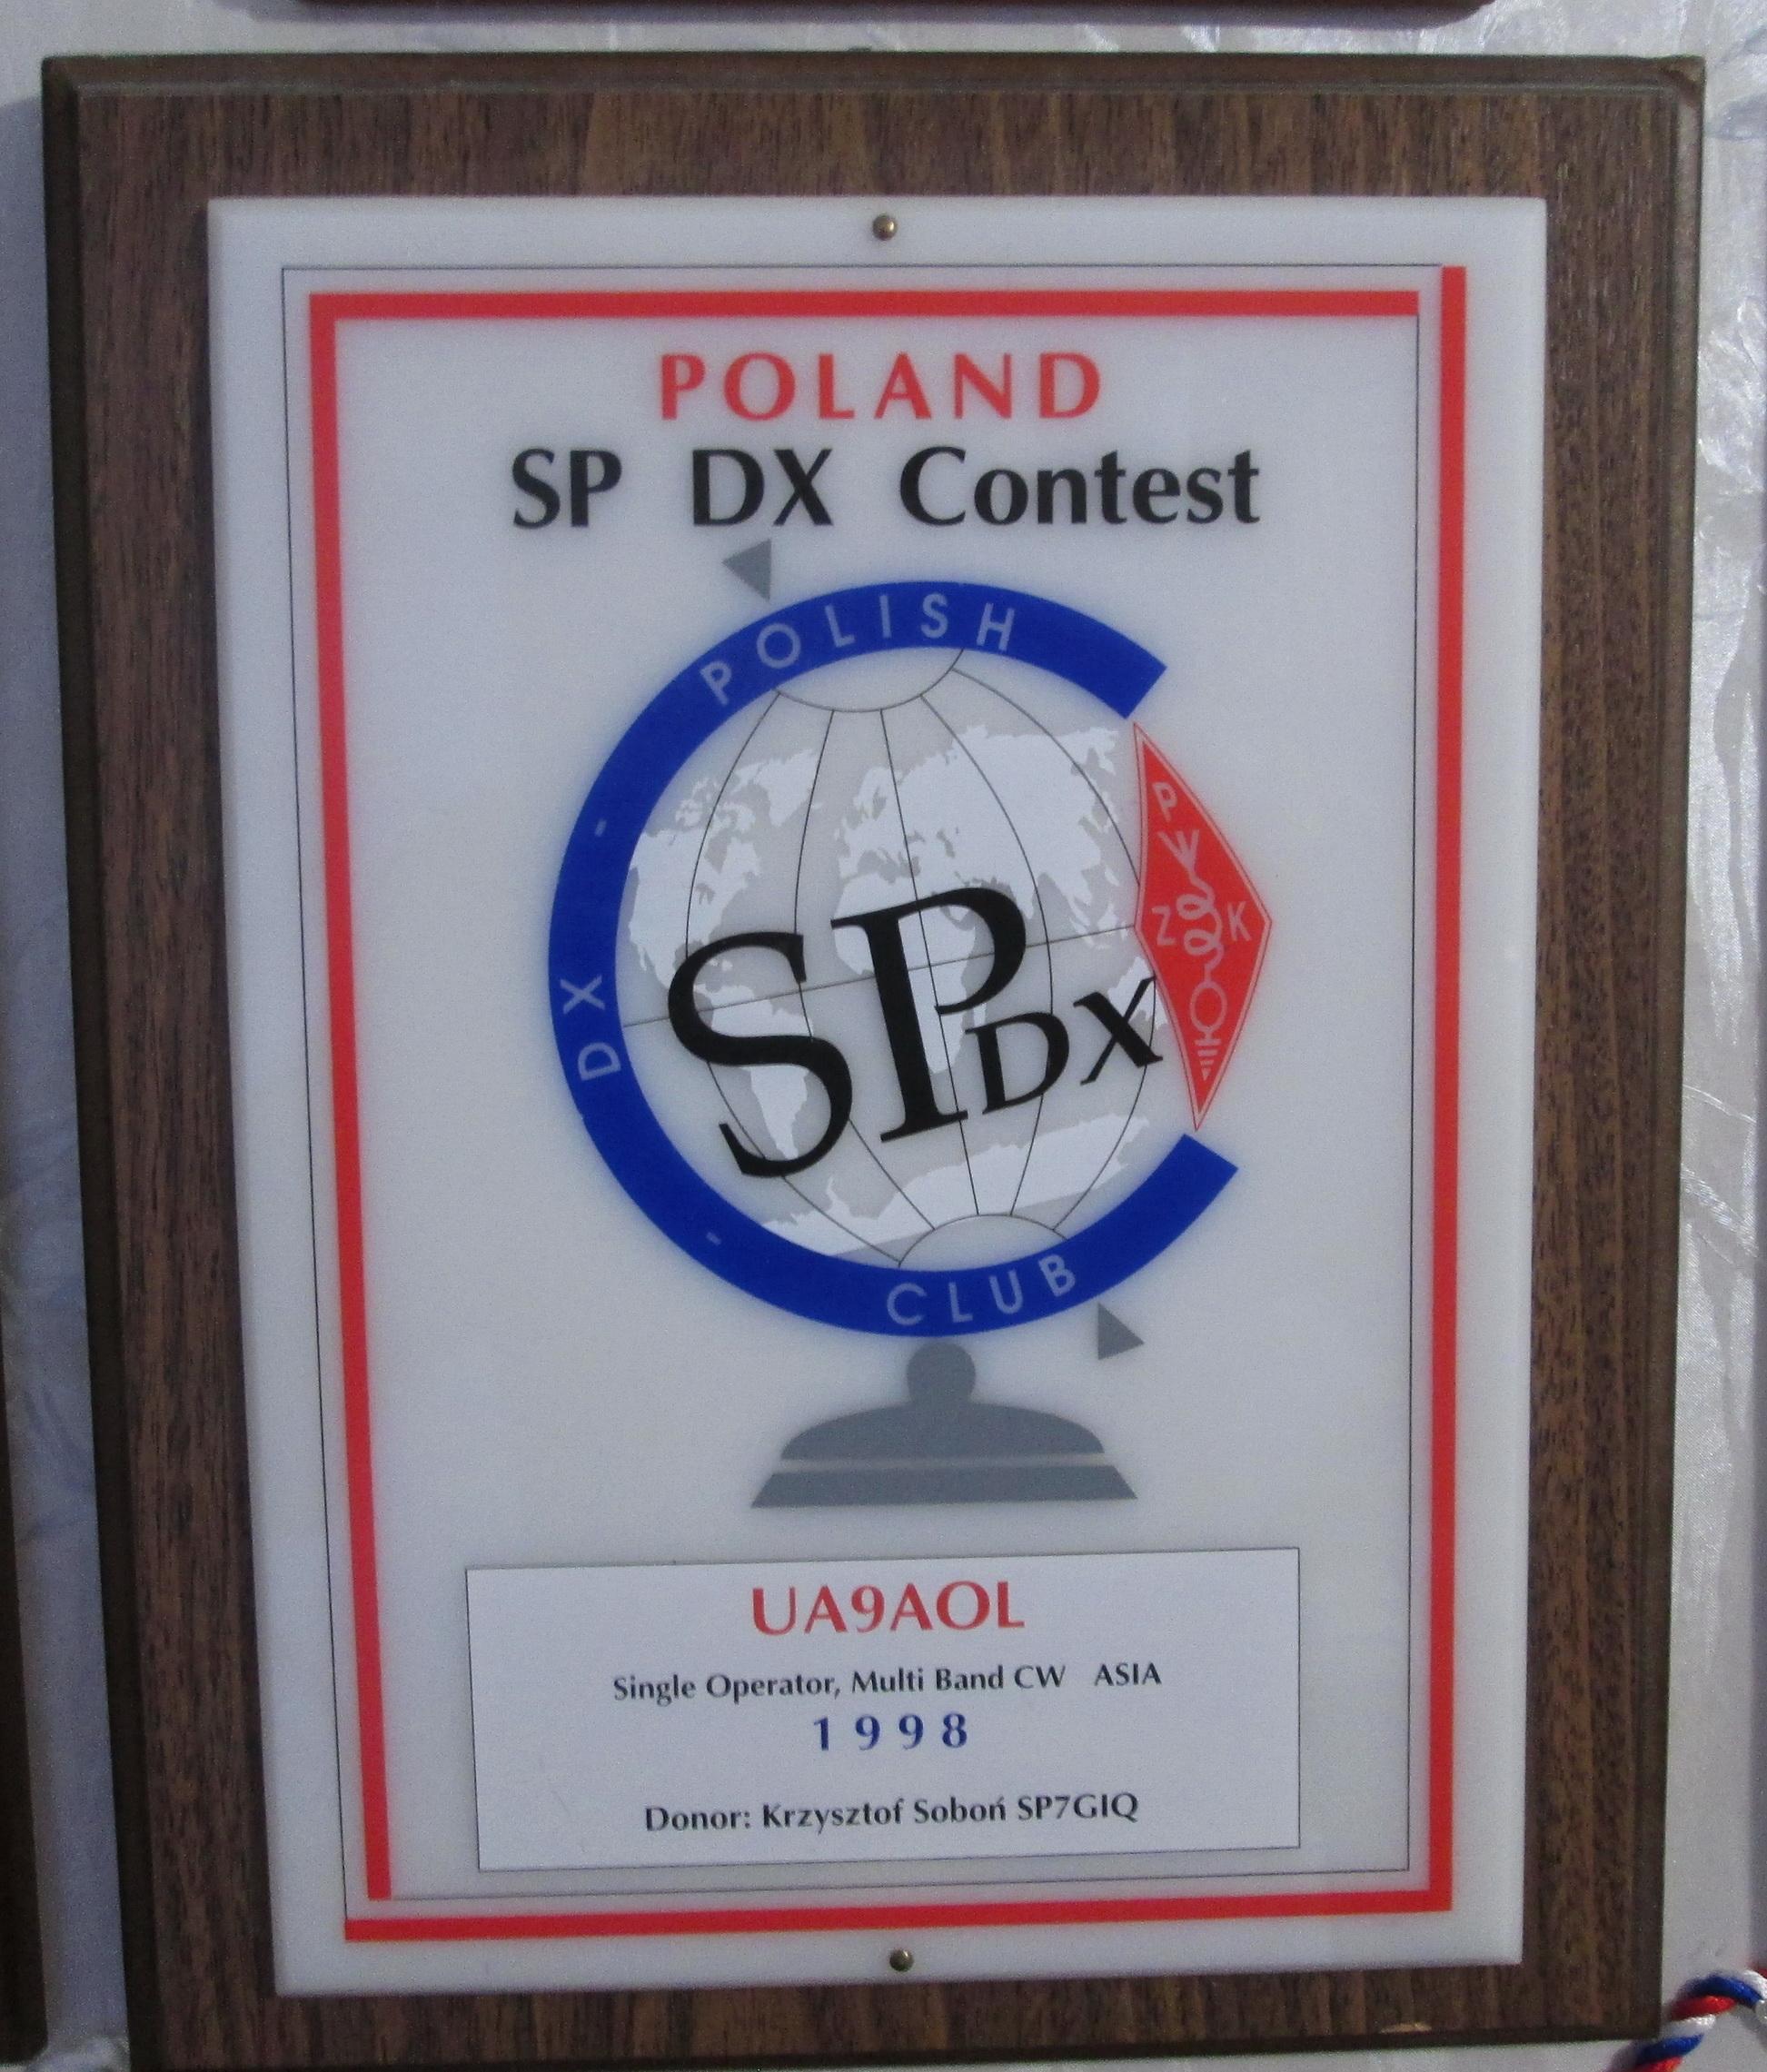 Нажмите на изображение для увеличения.  Название:Плакета_SP DX Contest 1998 г.jpg Просмотров:16 Размер:1.26 Мб ID:208973